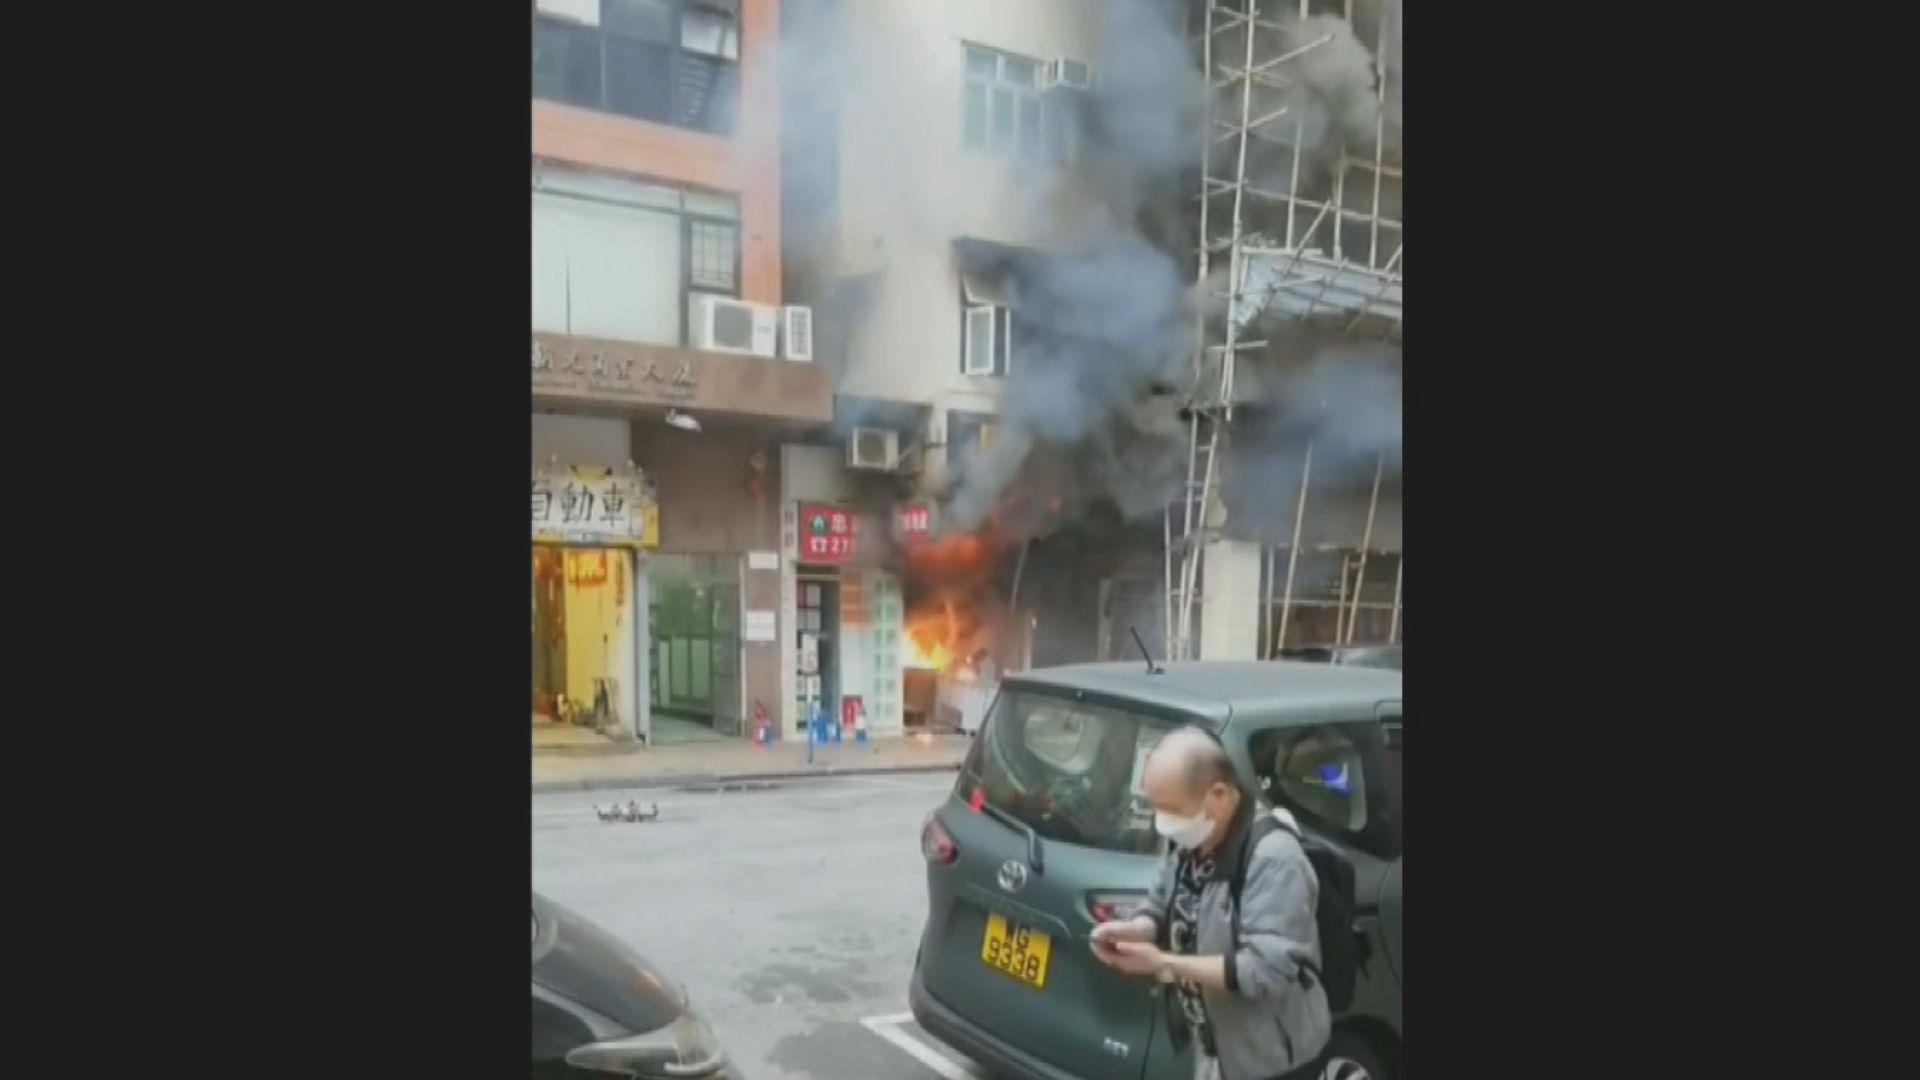 深水埗裝修中店舖起火釀四傷 附近約80人自行疏散